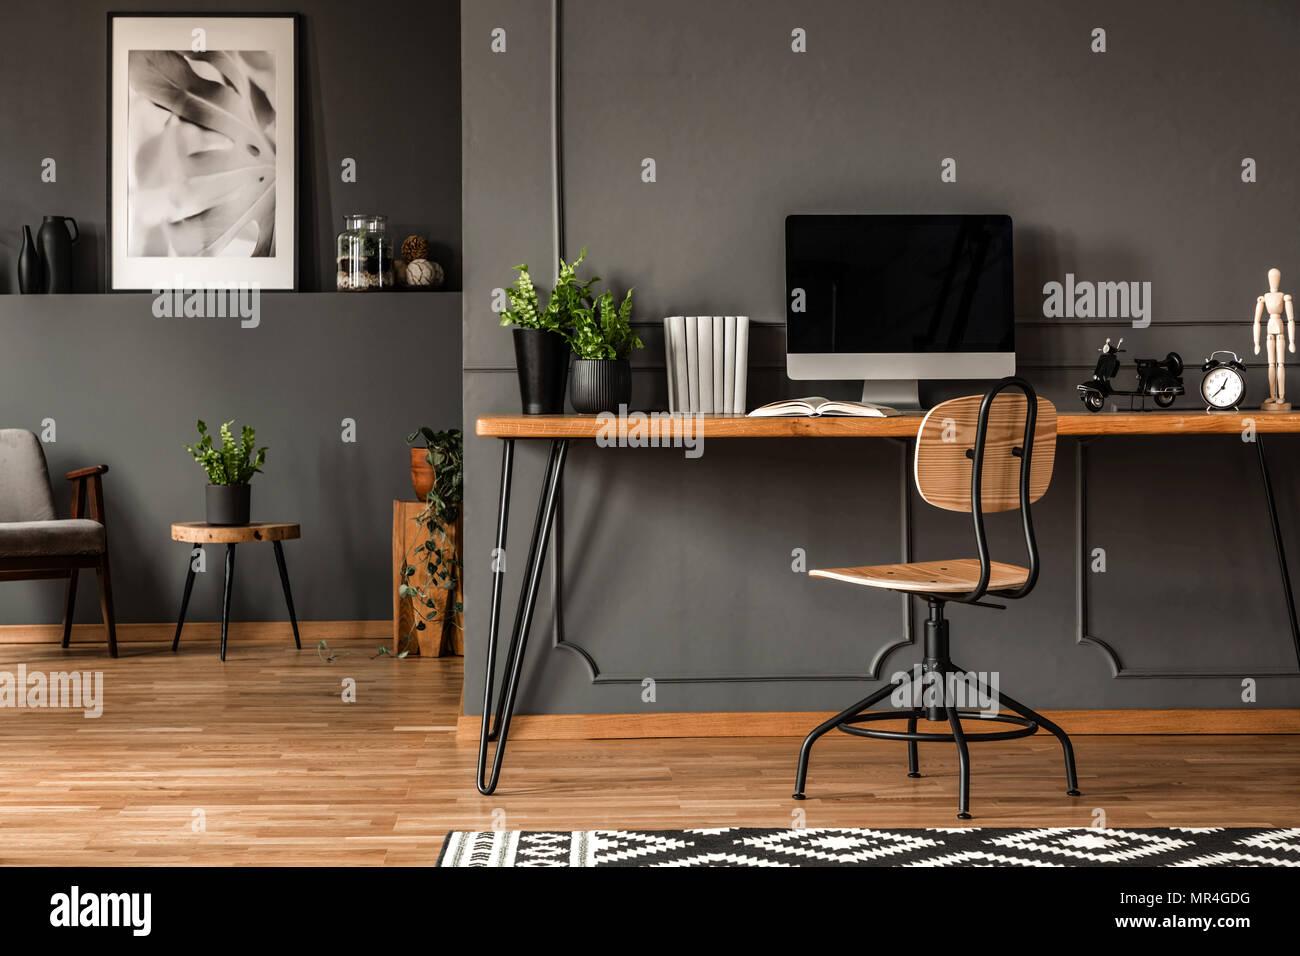 Foto reale di uno spazio aperto interno con le pareti nere e stampaggio. Area di lavoro con scrivania, sedia e computer in primo piano e soggiorno con il grigio Immagini Stock